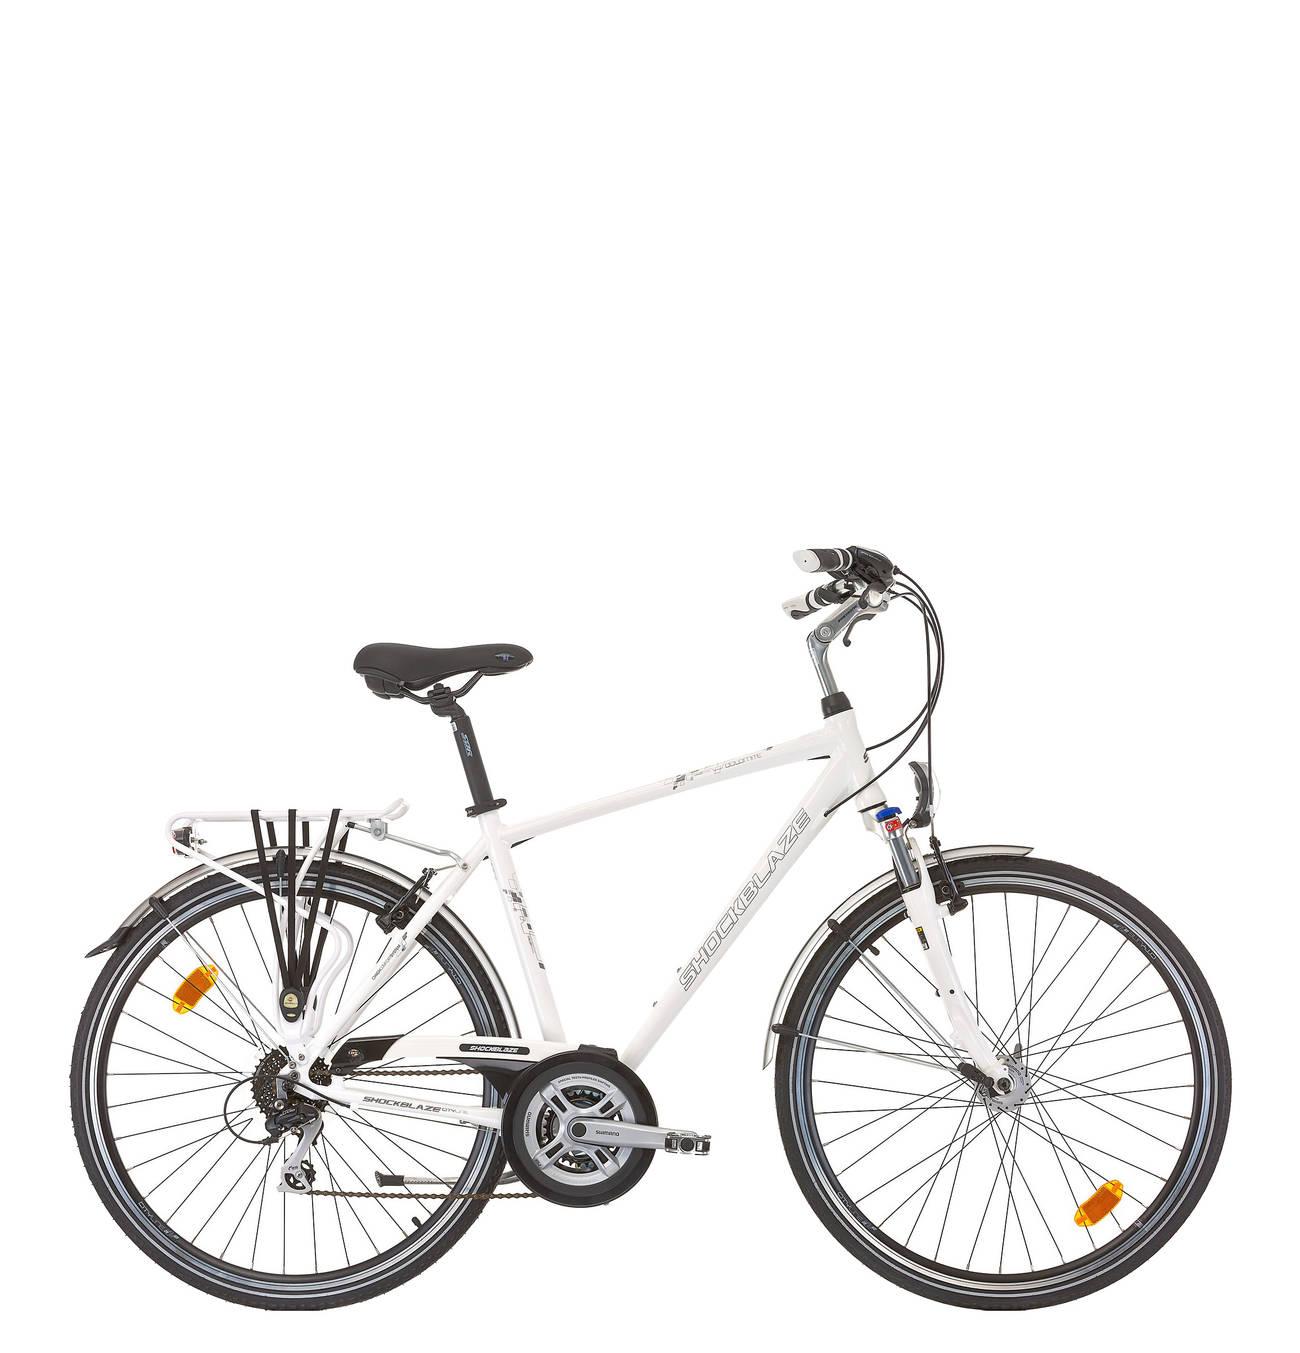 28 Zoll Herren Trekking Fahrrad 24 Gang Cityline Dolomite Fahrrad Trekking Fahrrad Und Federgabel